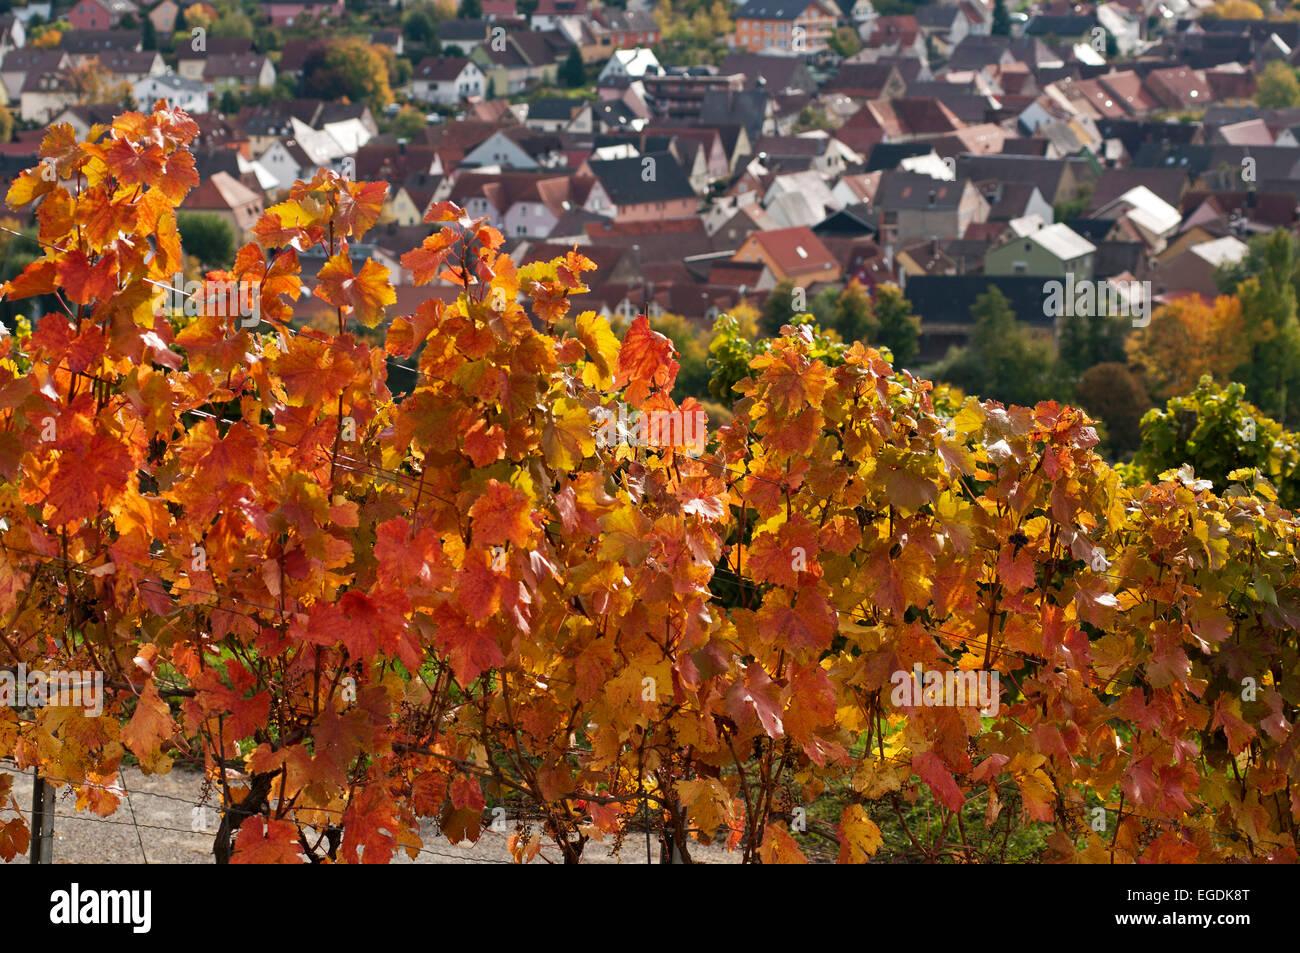 Vineyards along the Wine educational trail, Markelsheim, Franconia, Bavaria, Germany - Stock Image